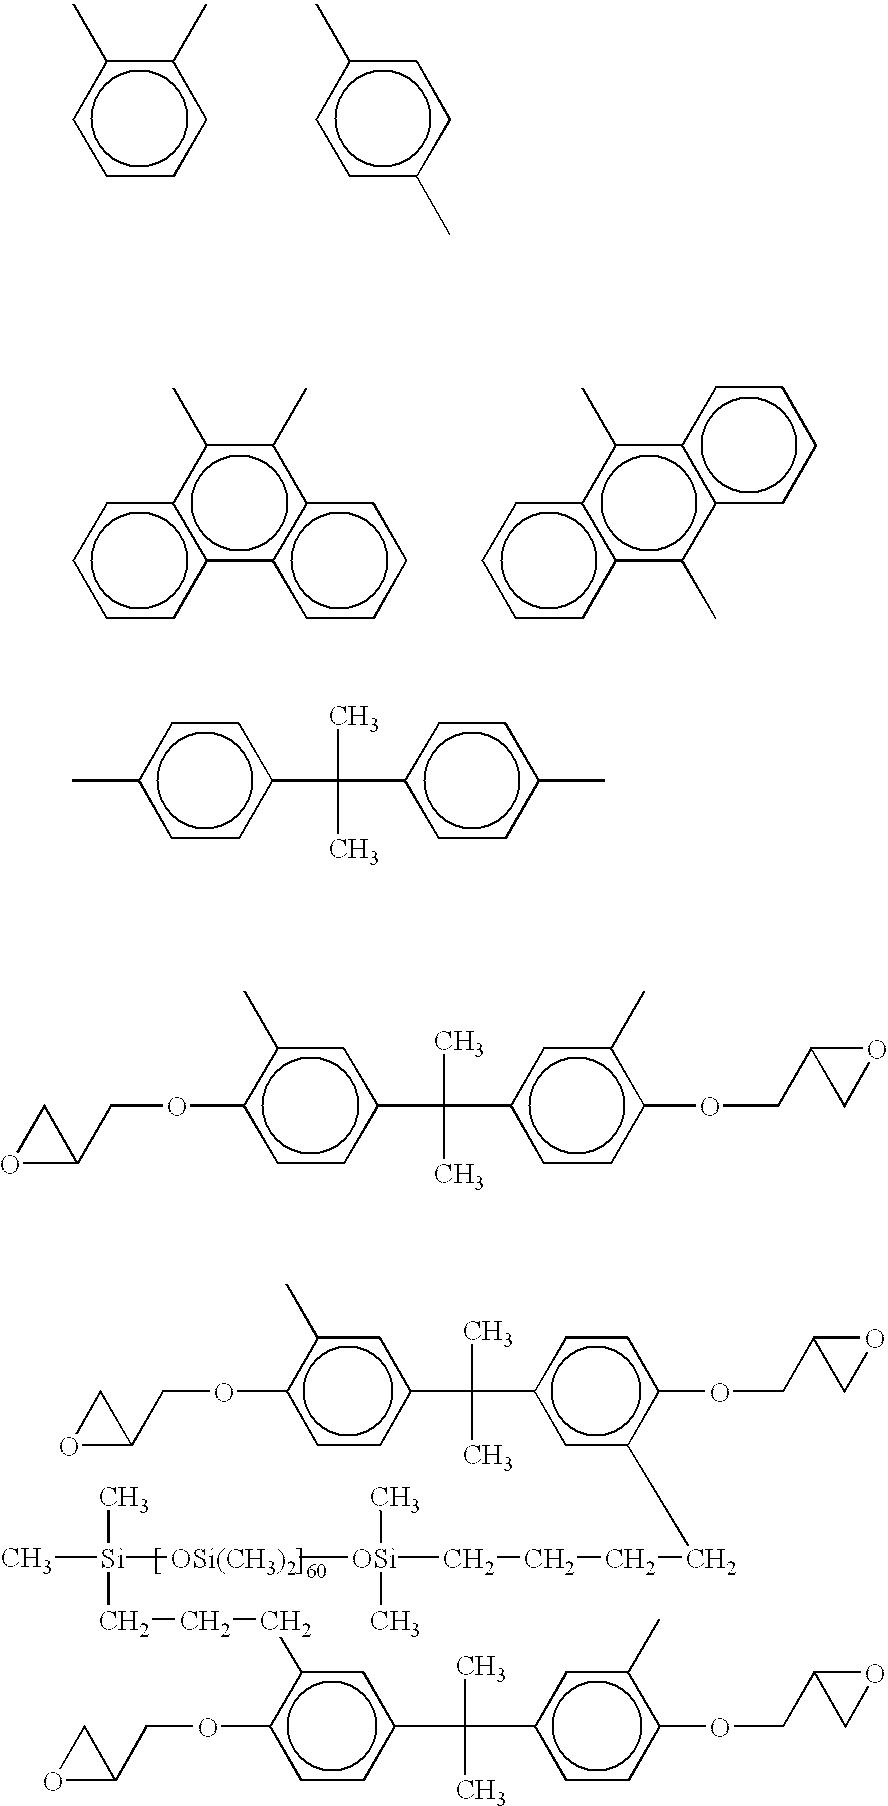 Figure US06673457-20040106-C00001